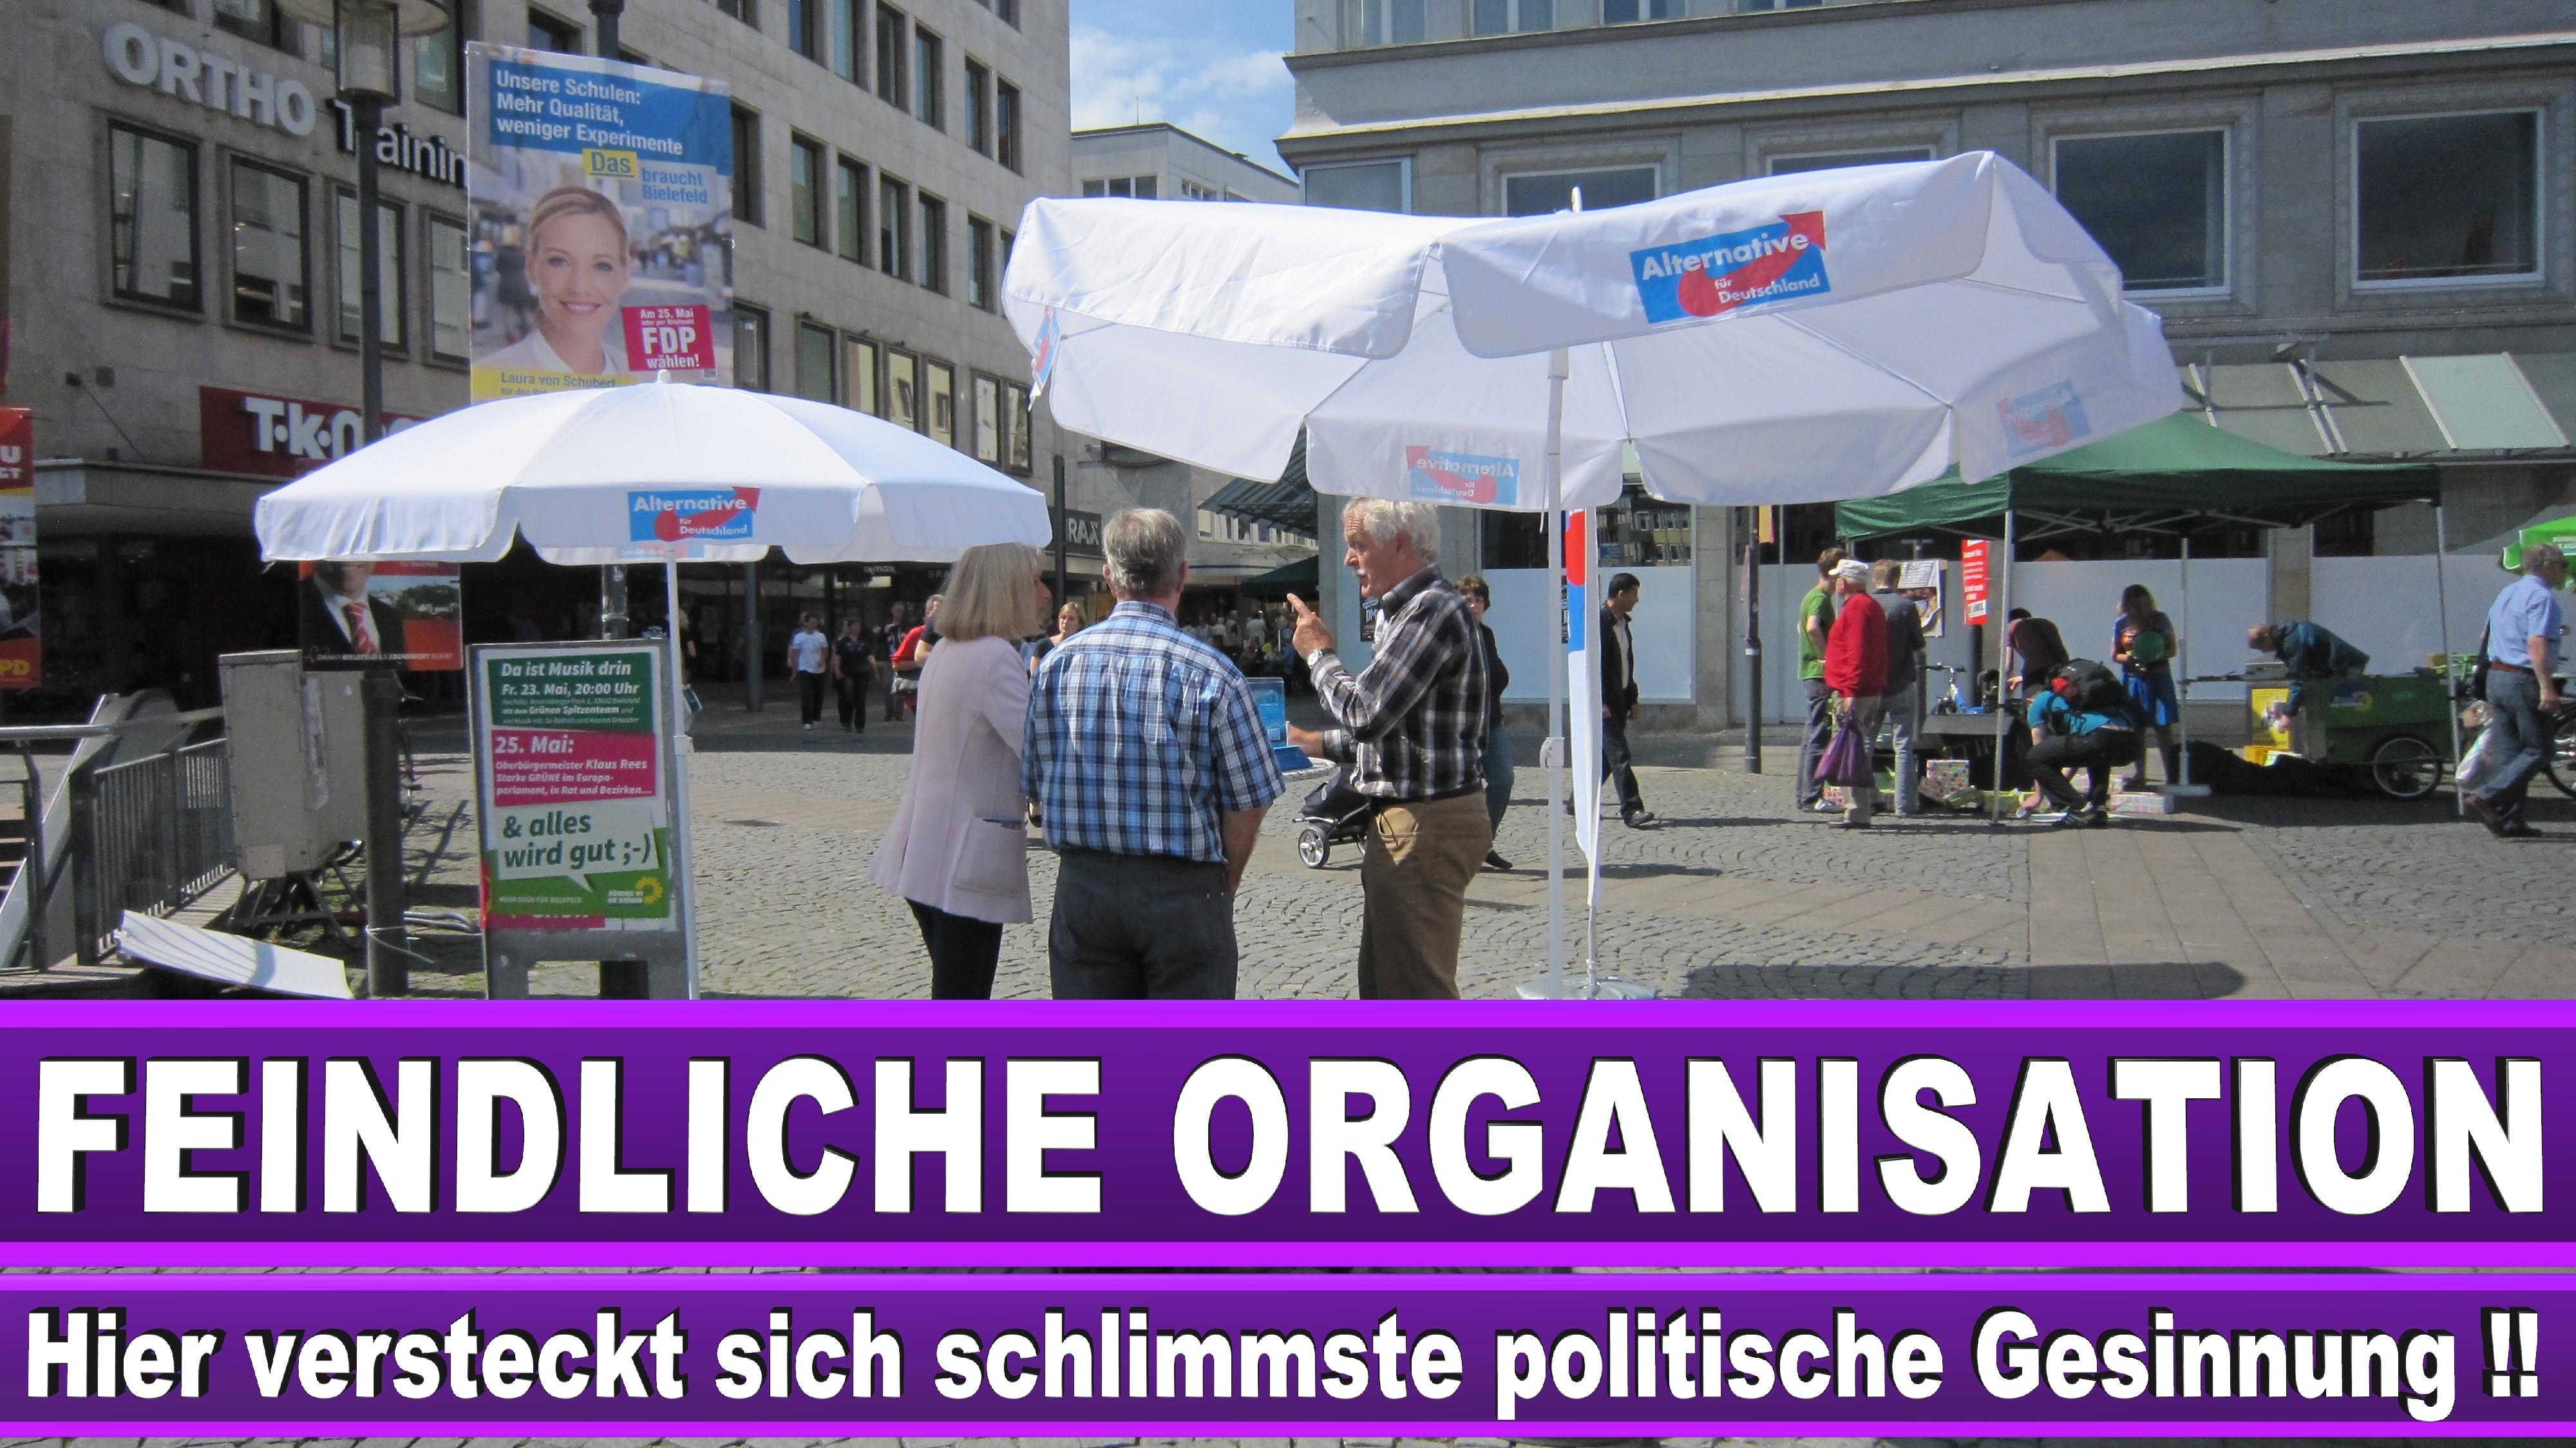 Europawahl S&d